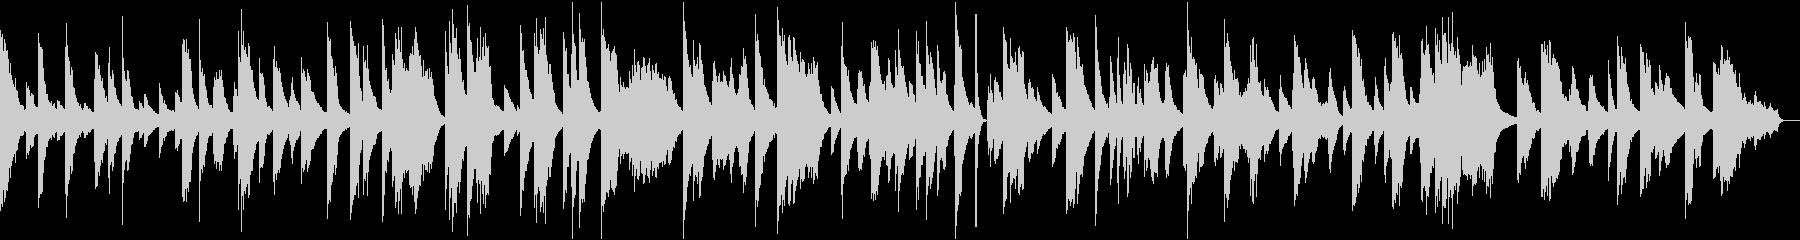 Moody Pianoの未再生の波形